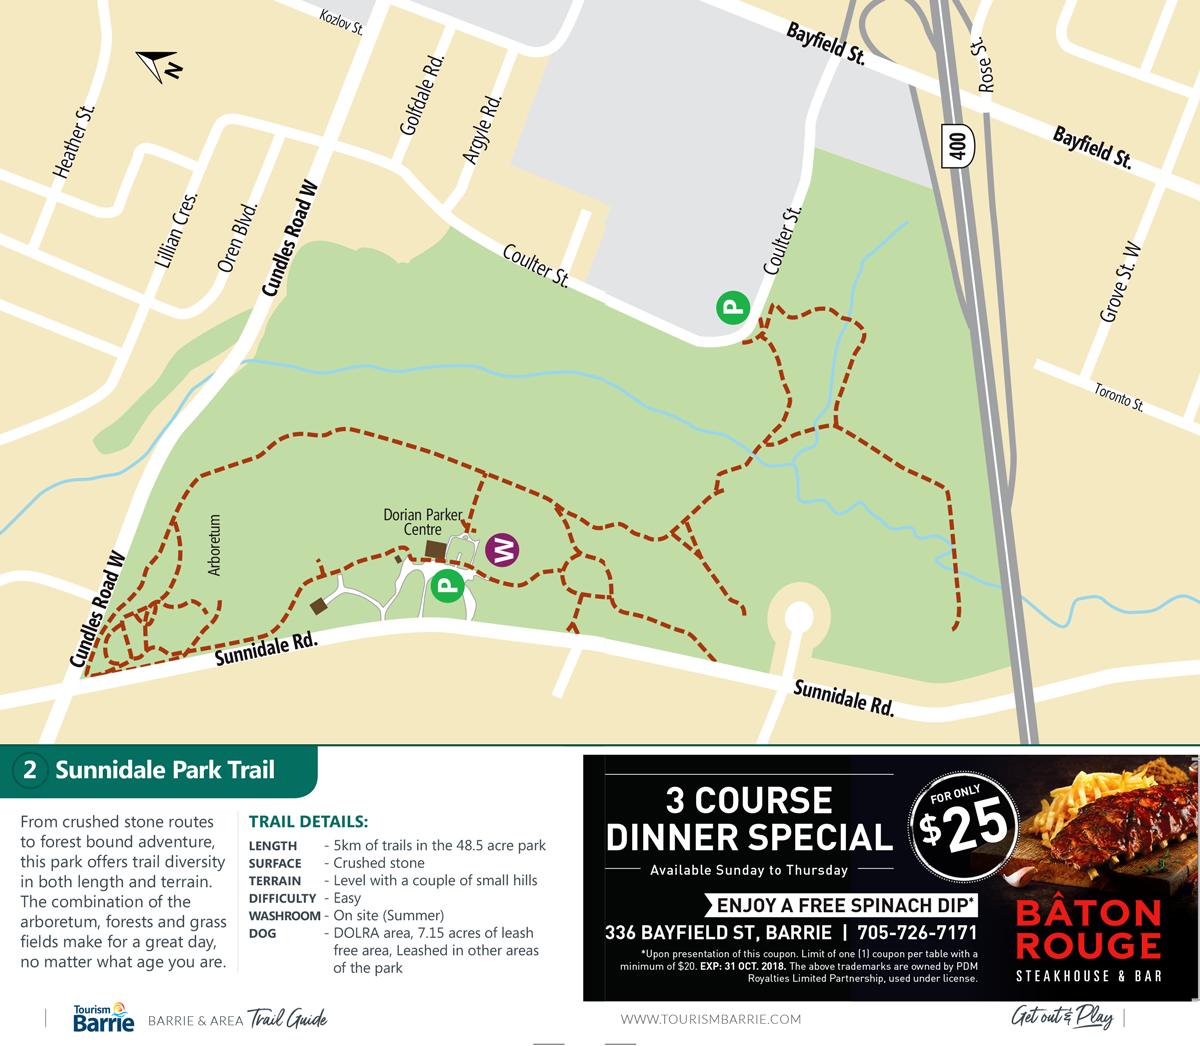 Sunnidale Park Trails